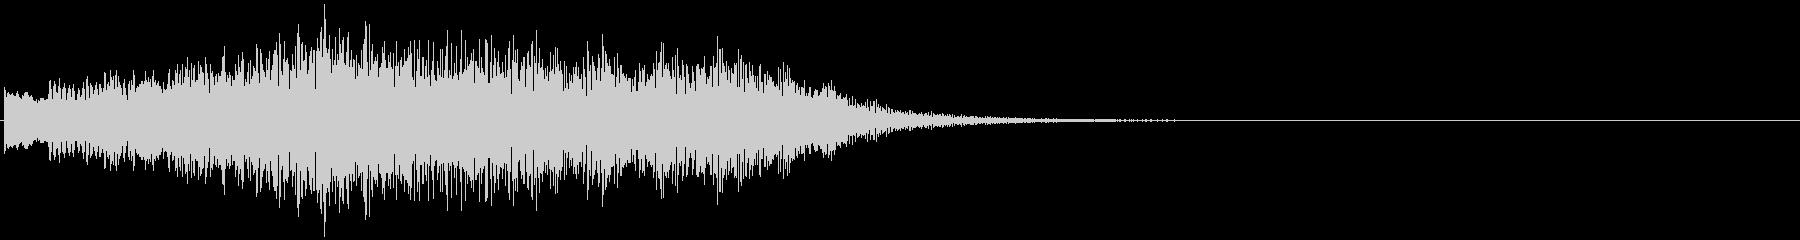 お知らせ タイトル チャイム ロゴ音4の未再生の波形